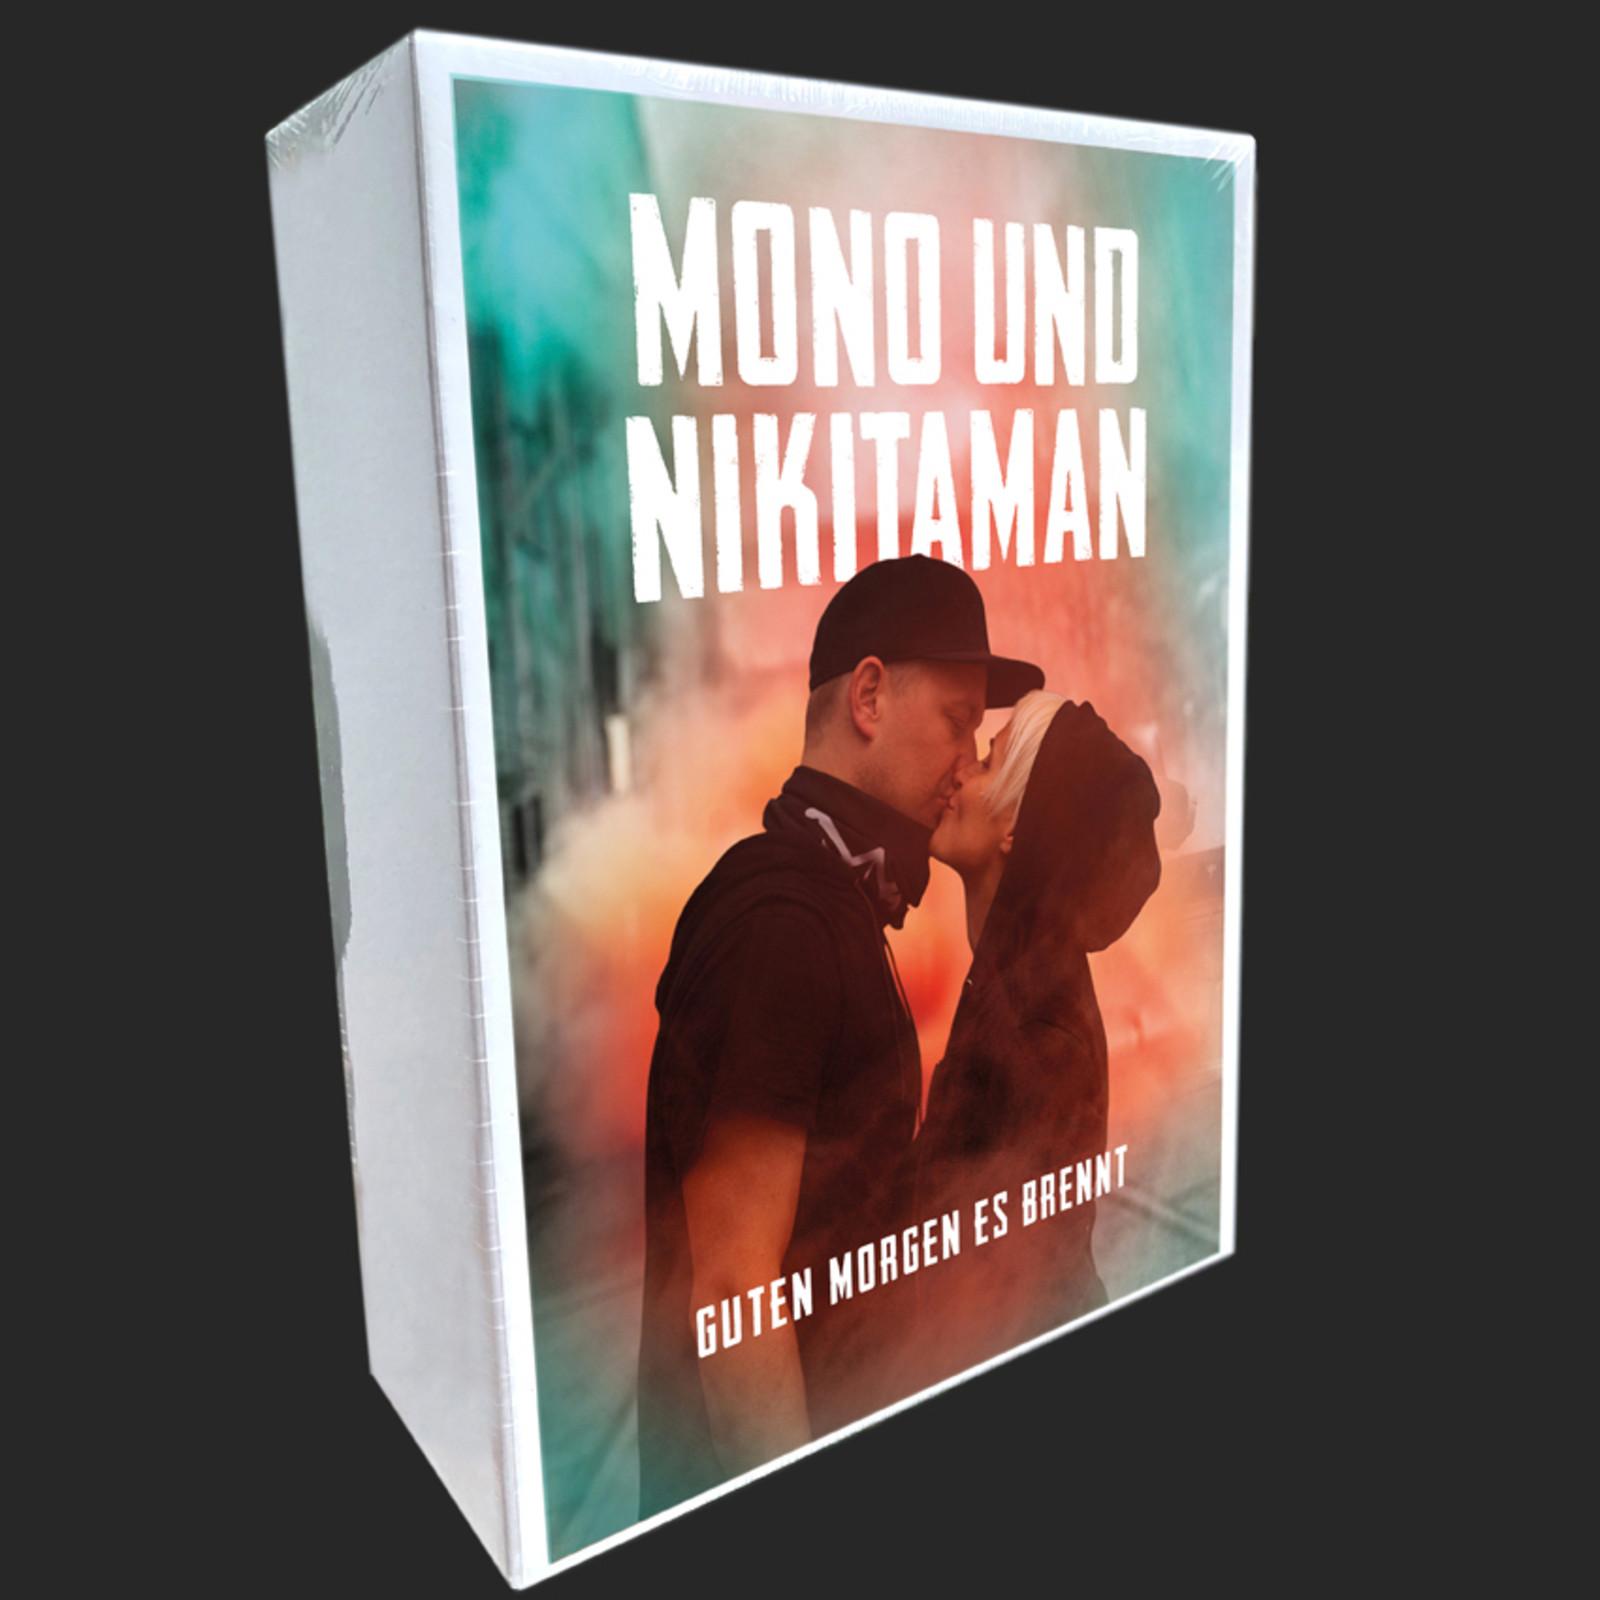 Details Zu Mono Nikitaman Guten Morgen Es Brennt Limited Bundle Cd Merchandising